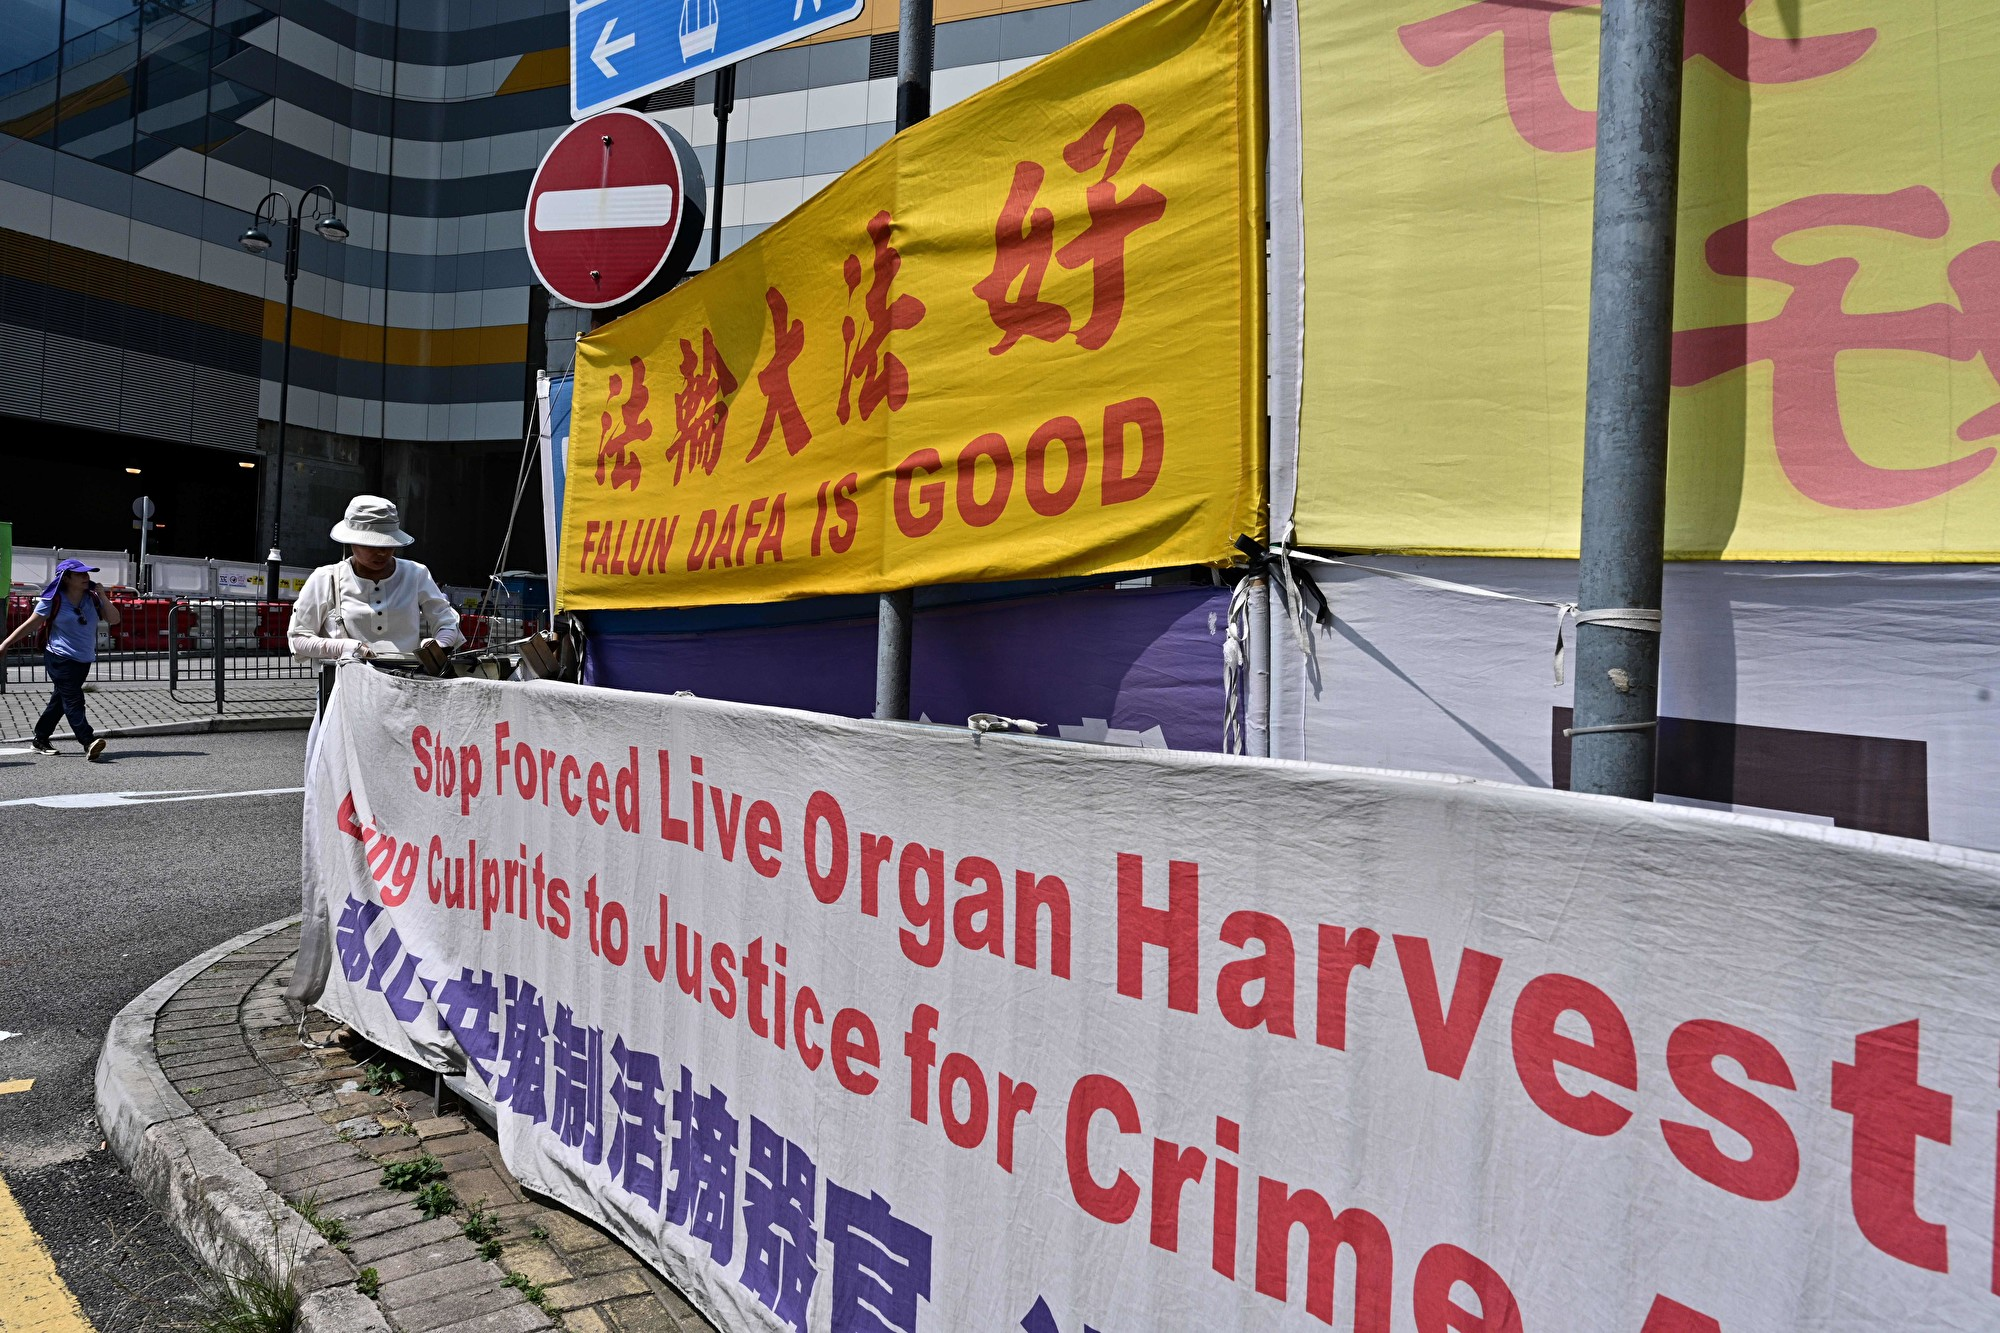 2019年4月25日,一名香港法輪功女學員在大陸遊客經常光顧的東涌調整支持法輪功的橫幅。(Anthony WALLACE/AFP/Getty Images)